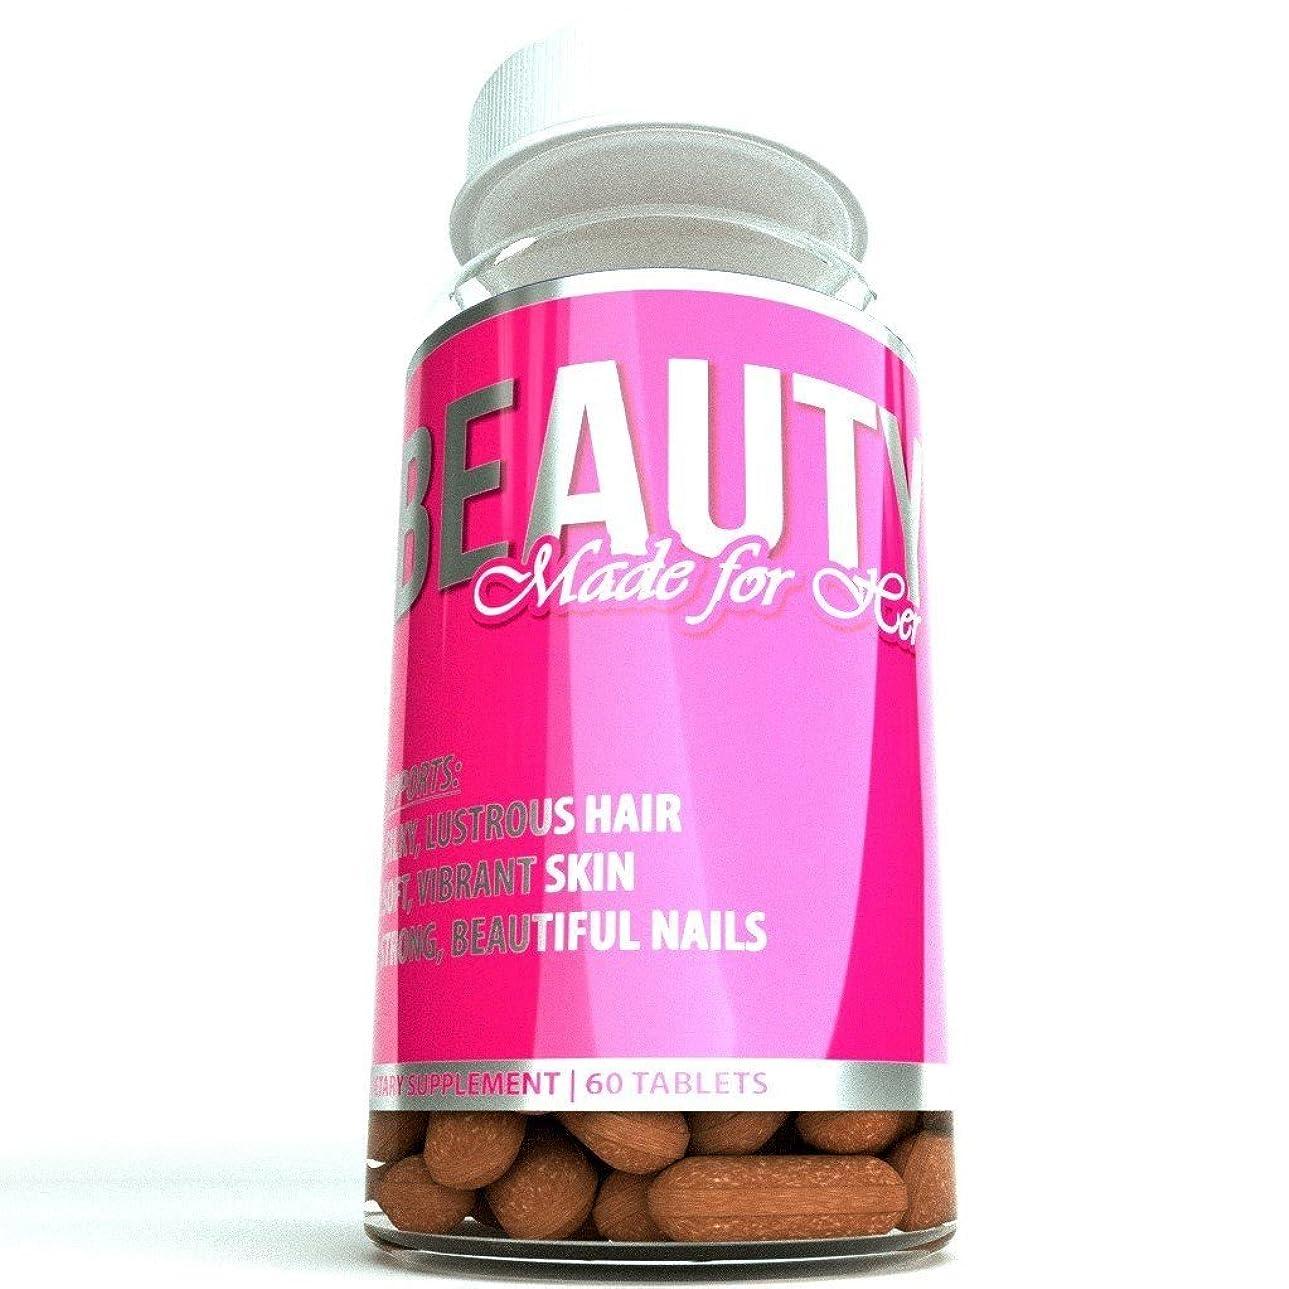 静かなフォロー真似るBeauty Made For Her Nutrition - Vitamins For Hair & Skin 髪、肌、爪用ビタミン(ビオチン5000mcg配合の効果の高いサプリメント)髪、肌、爪用ビタミン女性用 ビューティービタミン 髪の成長をサポート 輝く肌に強い爪 米国産